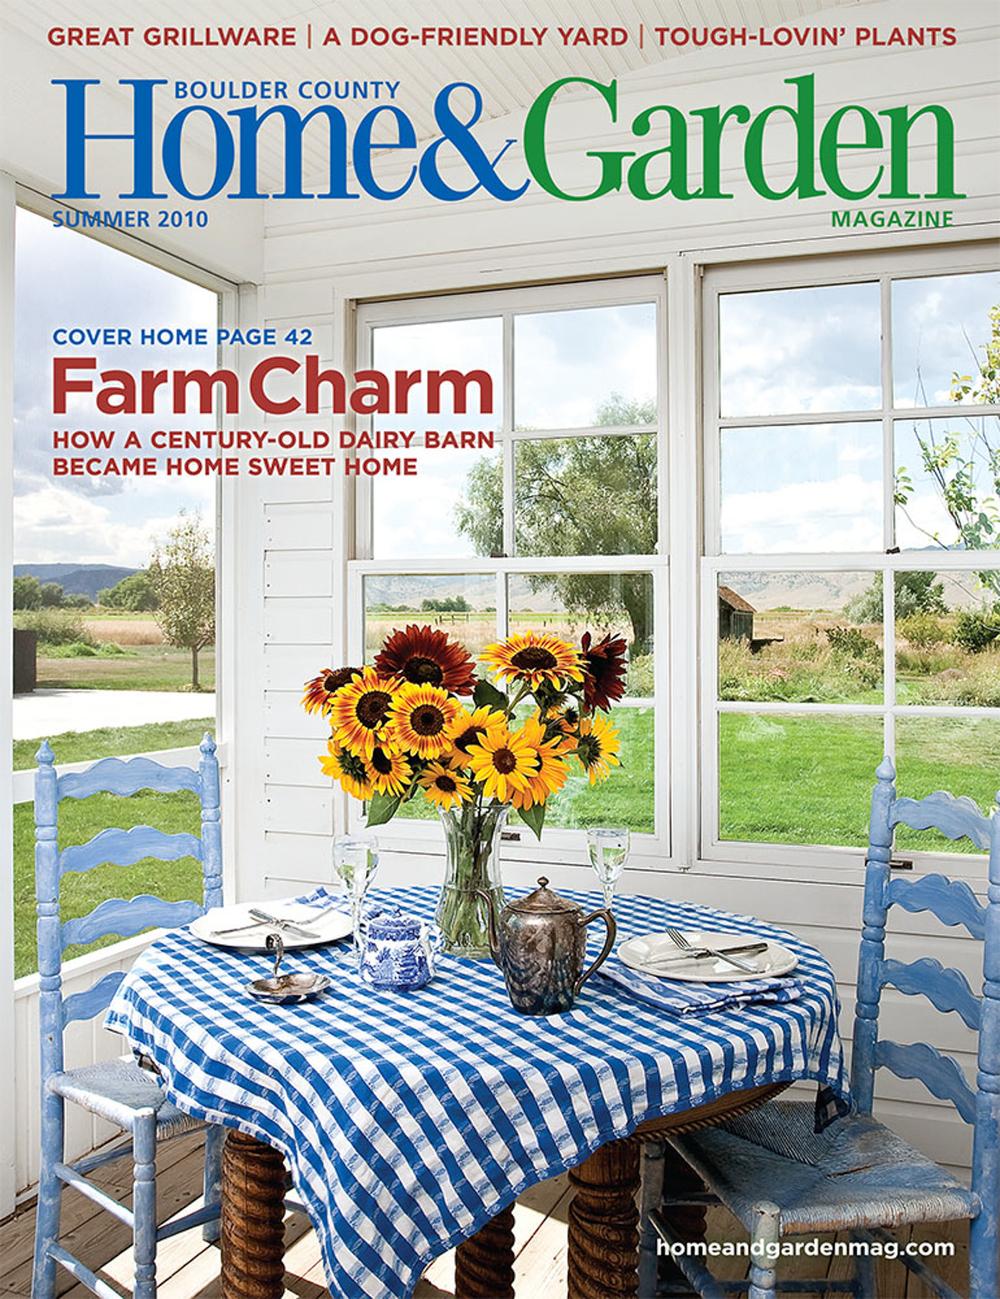 Boulder County Home & Garden